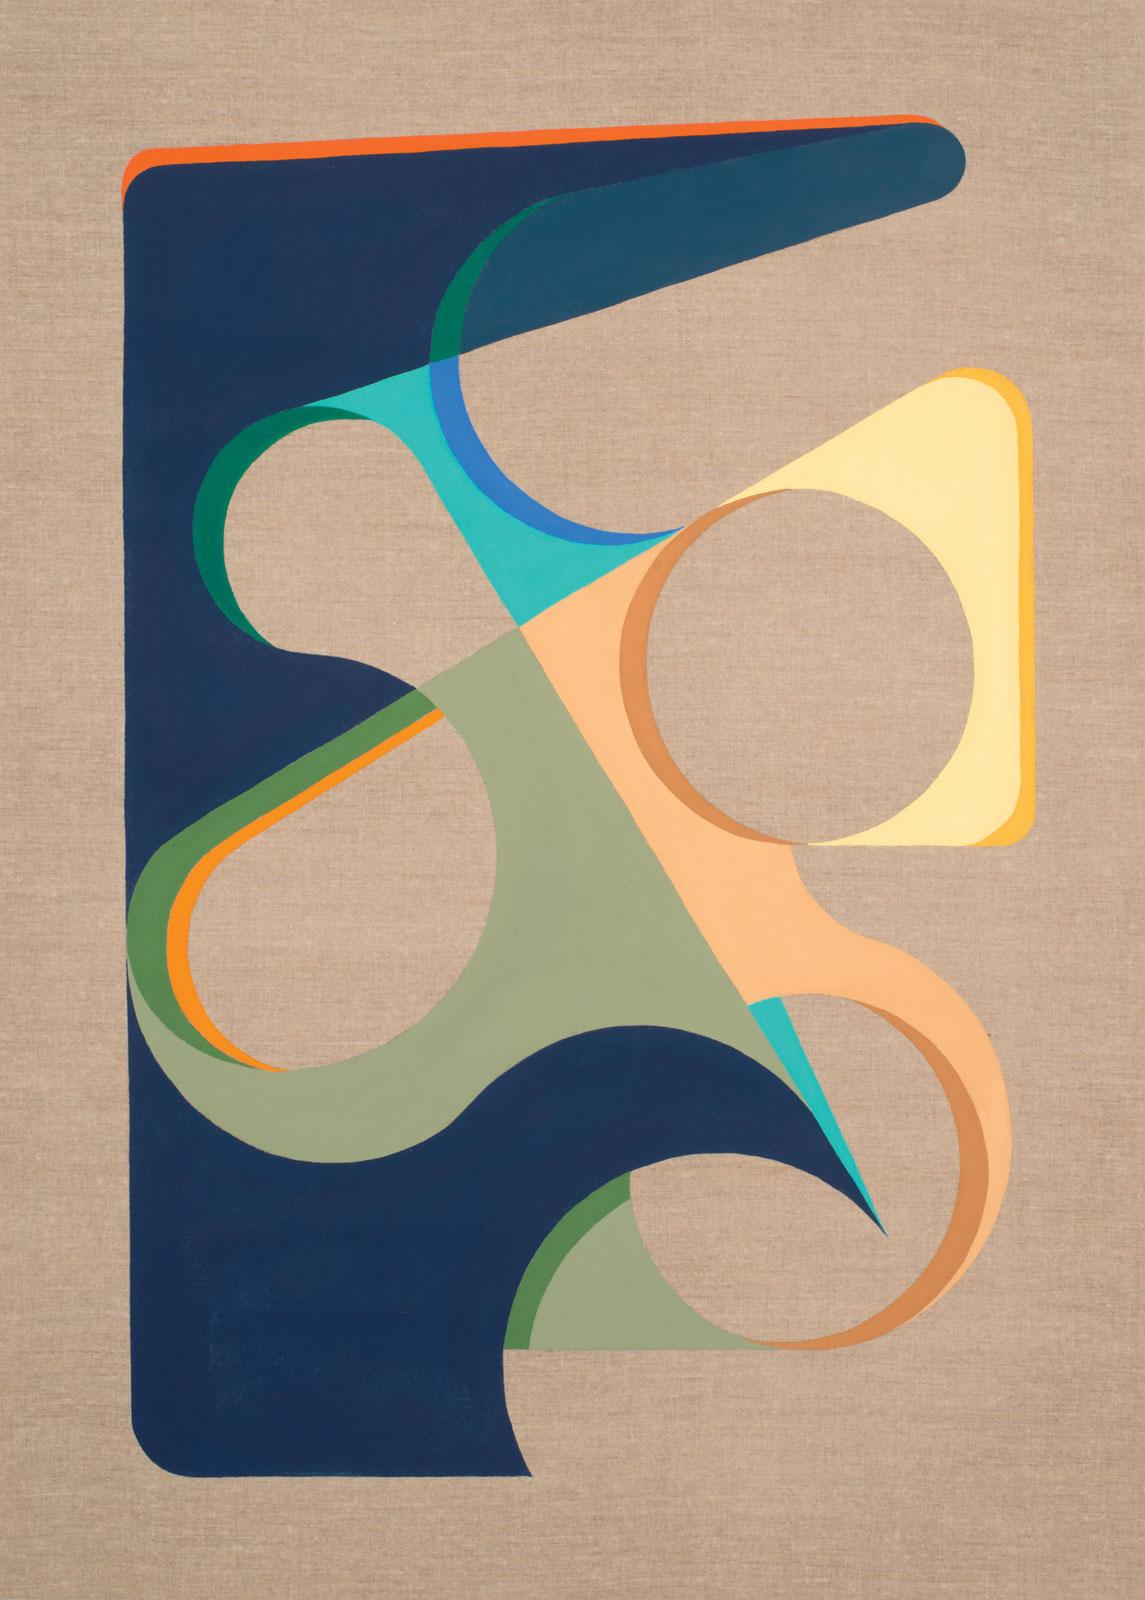 <i>Holding Pattern #2</i> (2013), 45˝ × 28˝